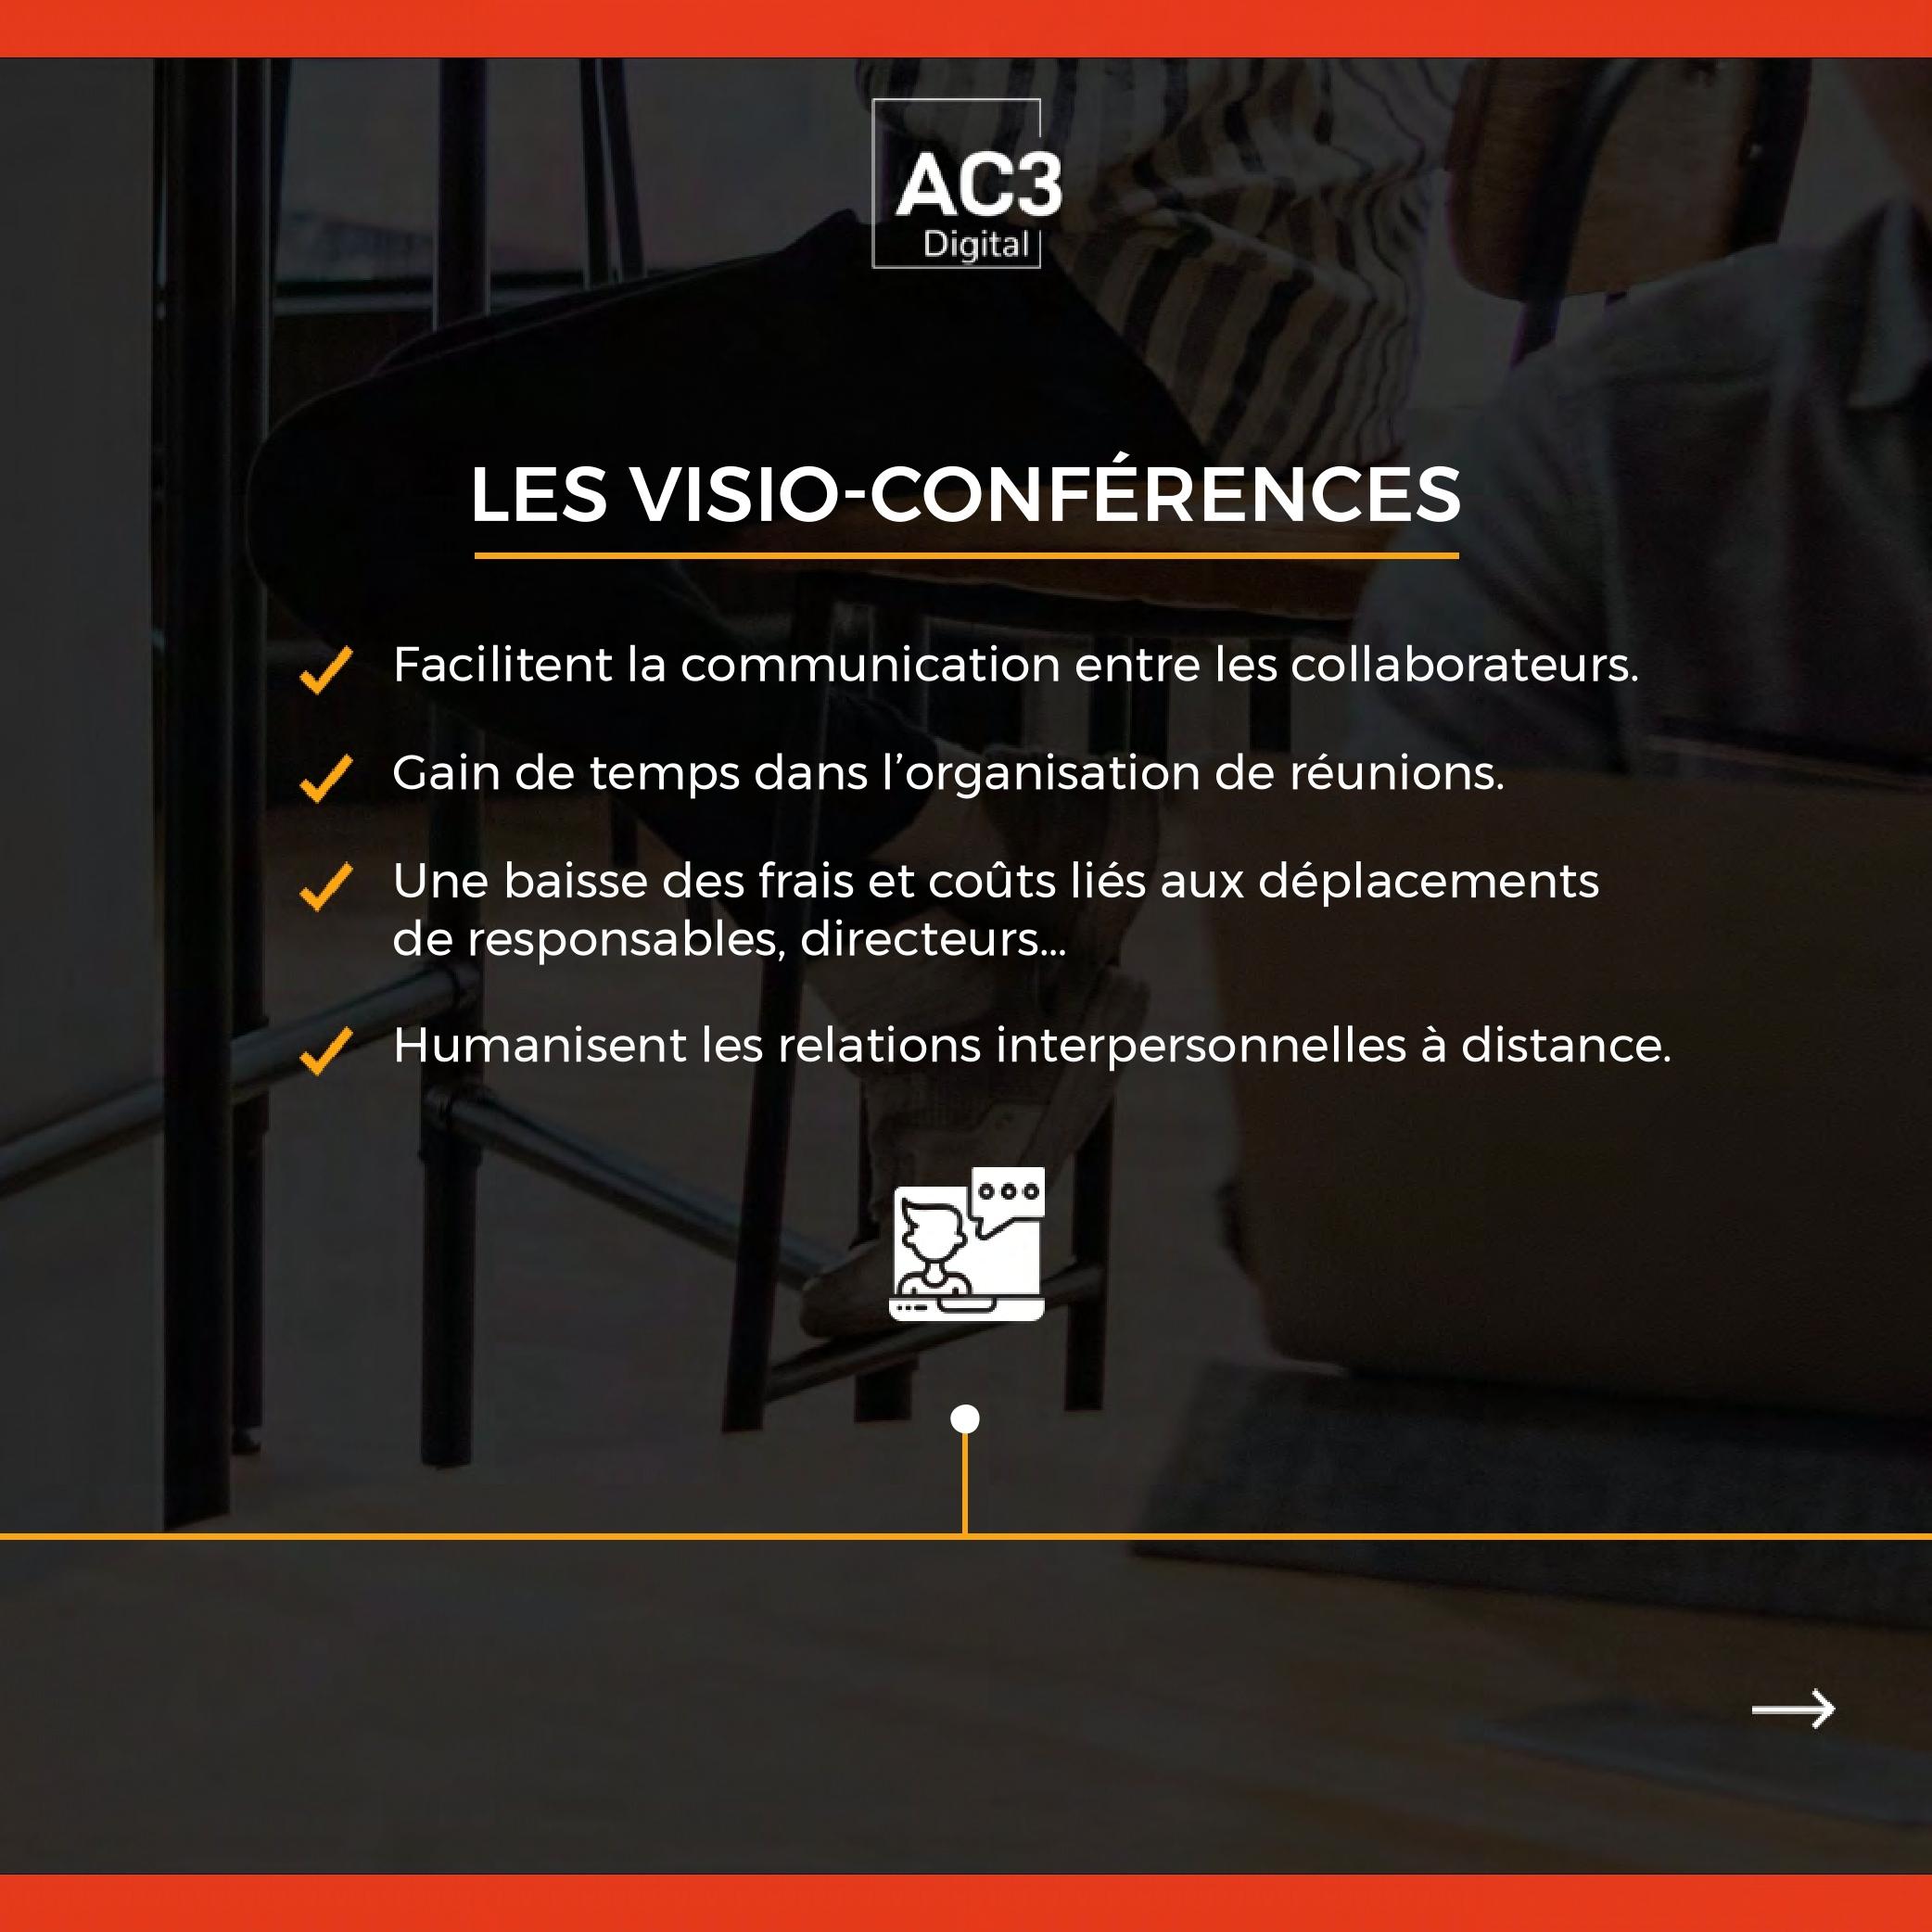 Les visio-conférences